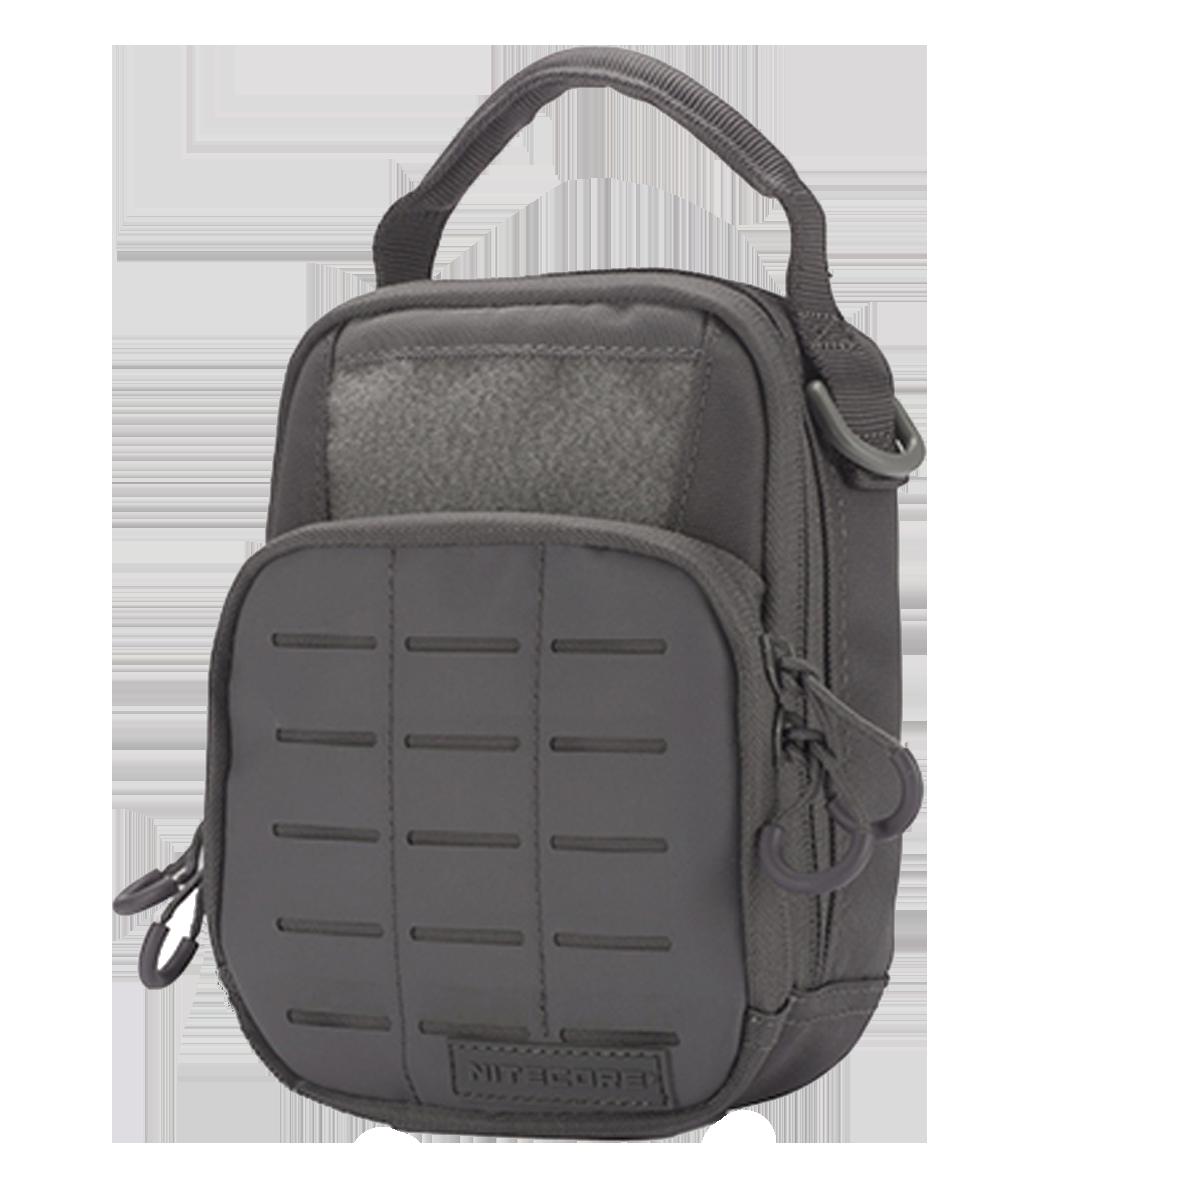 Универсальные ежедневные (EDC) сумки Nitecore NDP10 - серый, фото 1